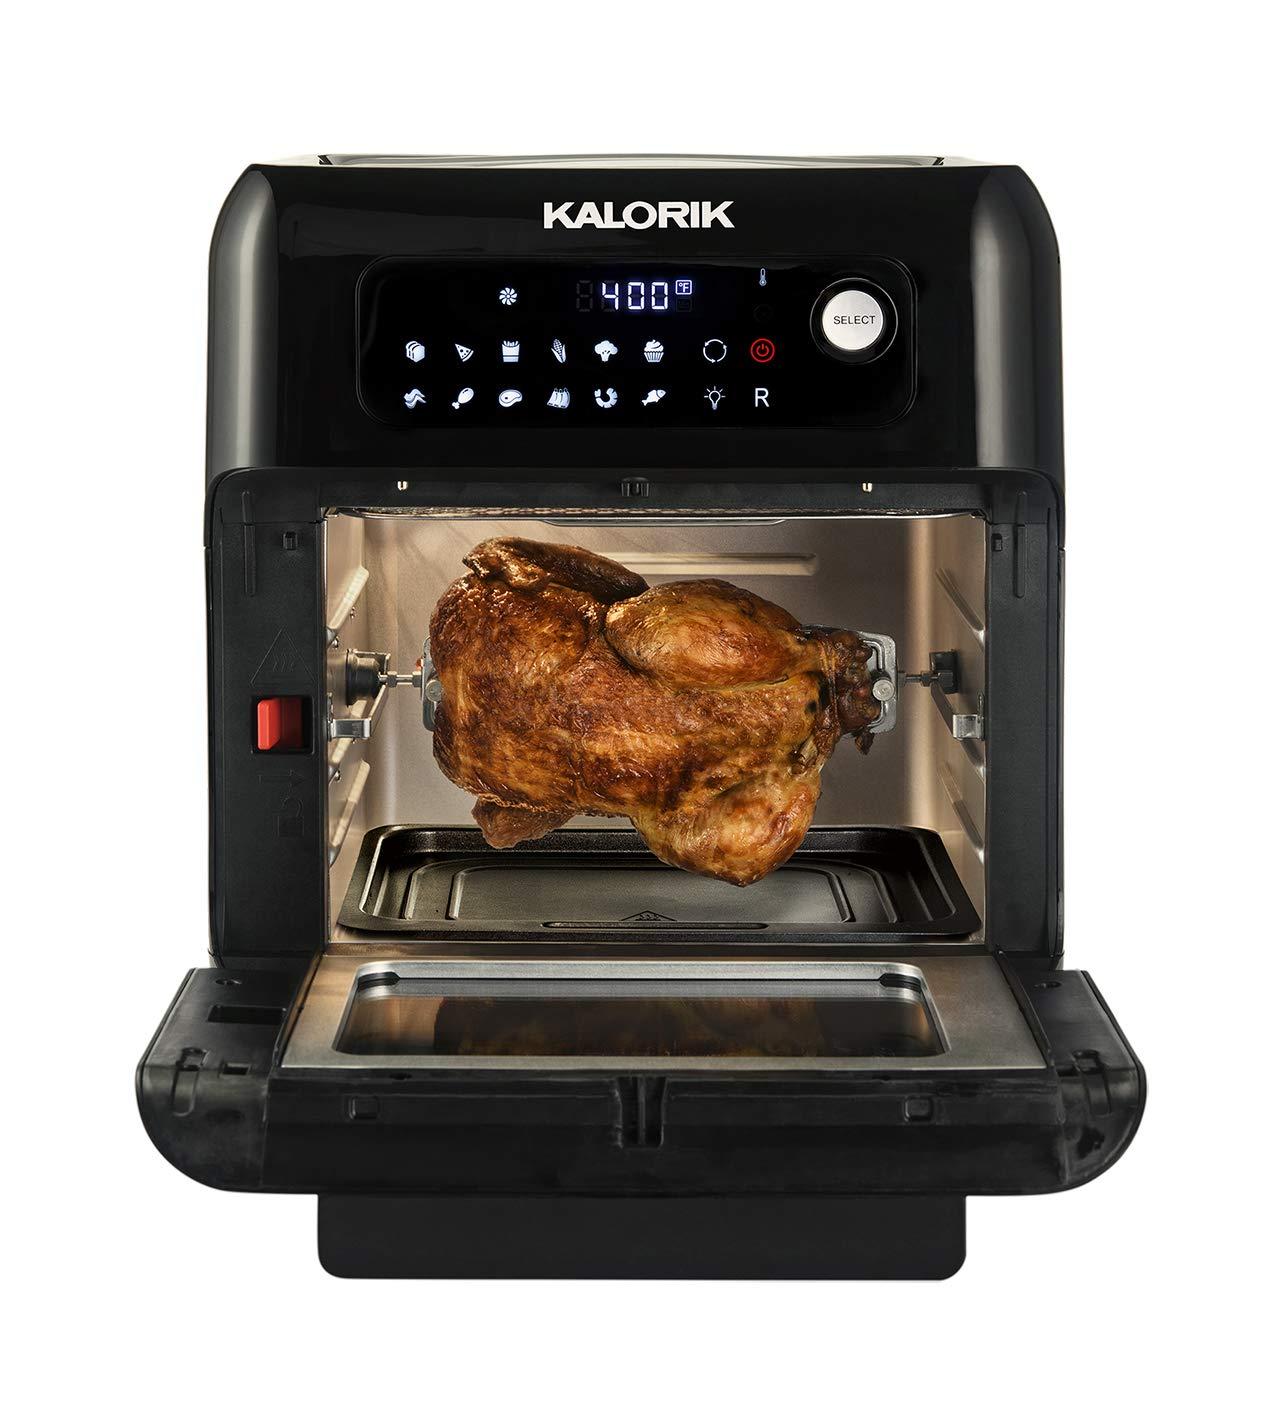 Kalorik 572 Convection Air Fryer Oven 17.5 x 16 x 15 inches black